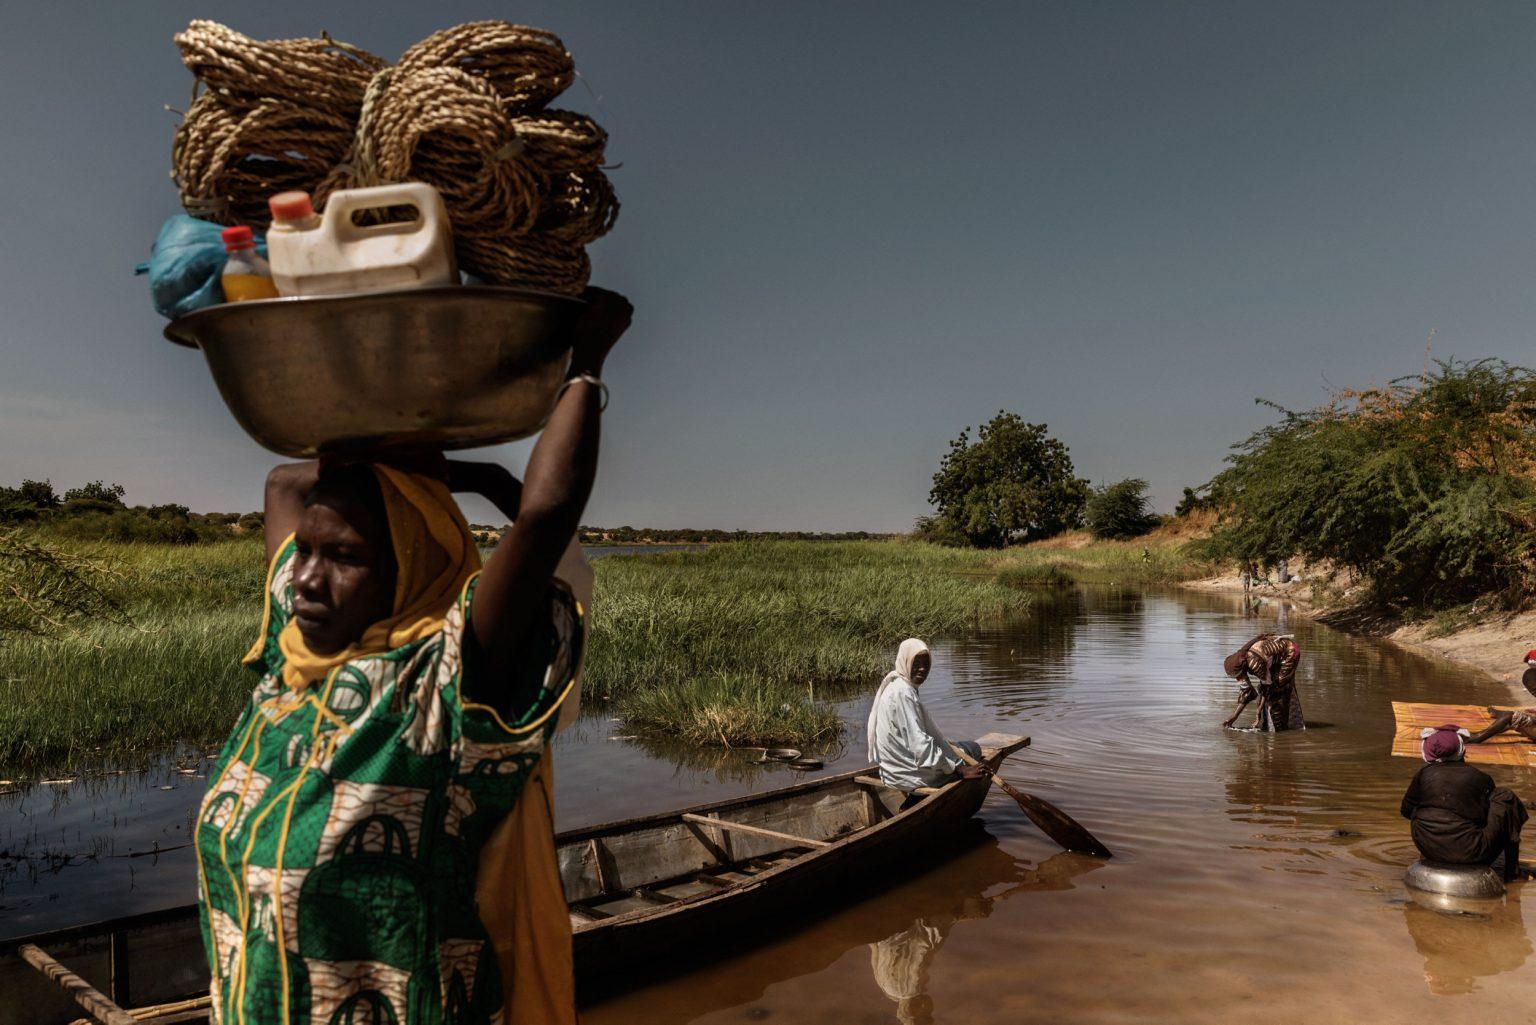 Africa, Chad, Bol, October 2018 - A severe humanitarian crisis is underway in the Lake Chad basin. Over two million refugees, as well as five million people are at risk of food insecurity and 500,000 children are suffering from acute malnutrition. Lake Chad is shrincking rapidly, due to desertification that is threatening the very existence of the people who live on its banks and the ecosystem of its waters. Chad was once the fourth largest lake in Africa. However, since the 1950s its surface has shrunk by 90%.>< Africa, Ciad, Bol, Ottobre 2018 - Una grave crisi umanitaria si sta abbattendo sul Lago Ciad. Oltre due milioni di rifugiati e cinque milioni di persone sono minacciati dall?insicurezza alimentare; 50,000 bambini soffrono di malnutrizione acuta. Il Lago Ciad si sta restringendo rapidamente per via della desertificazione che sta mettendo in pericolo l'esistenza stessa delle persone che vivono sulle sue sponde e l'ecosistema delle sue acque. Ciad era un tempo uno dei quattro laghi più grandi in Africa. Tuttavia, dal 1950 la superficie si è ridotta del 50%. *** SPECIAL   FEE   APPLIES *** *** Local Caption *** 01362905